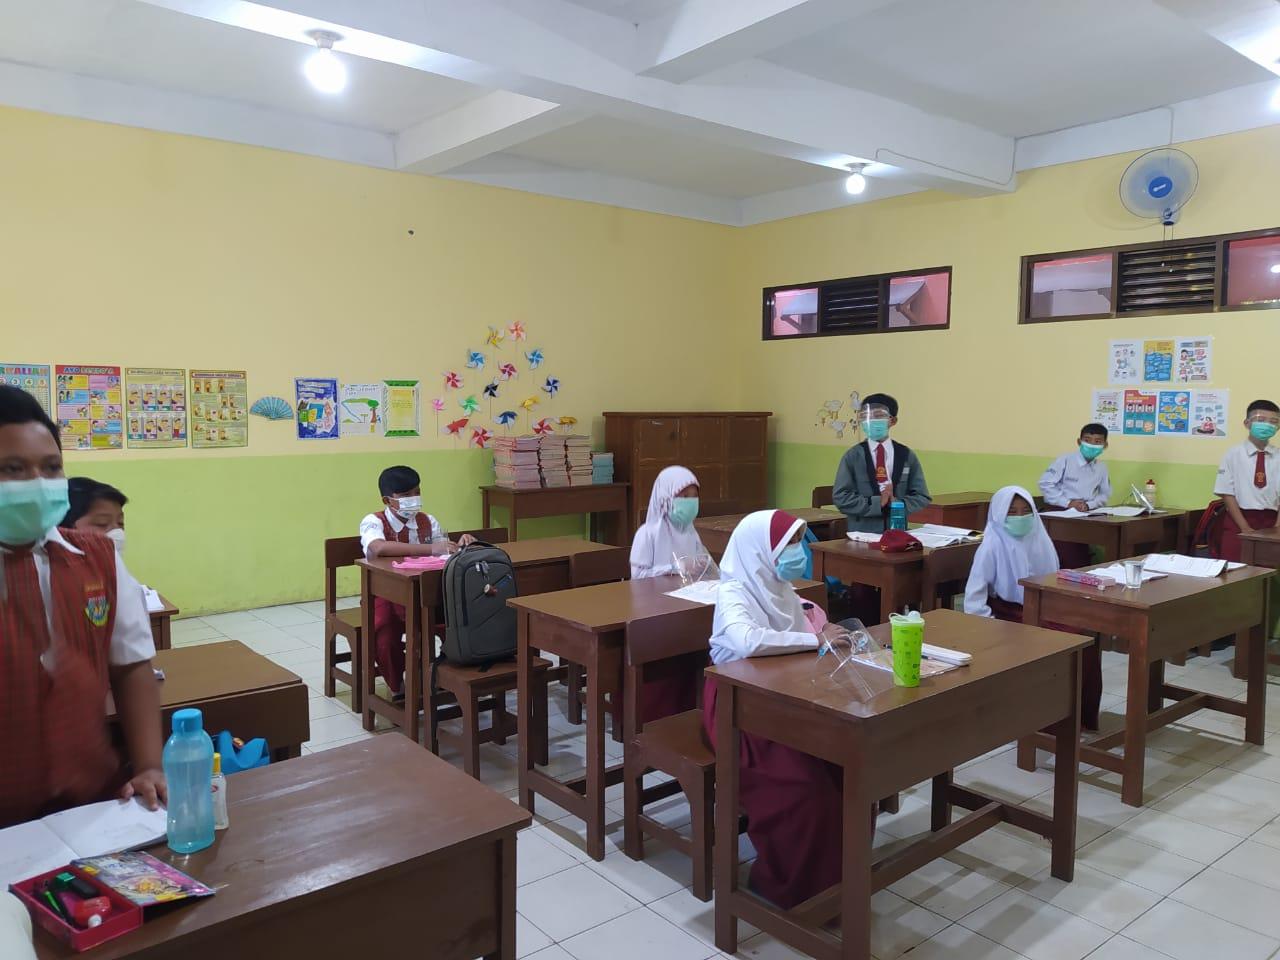 ILUSTRASI: Sejumlah siswa melaksanakan pembelajaran tatap muka.